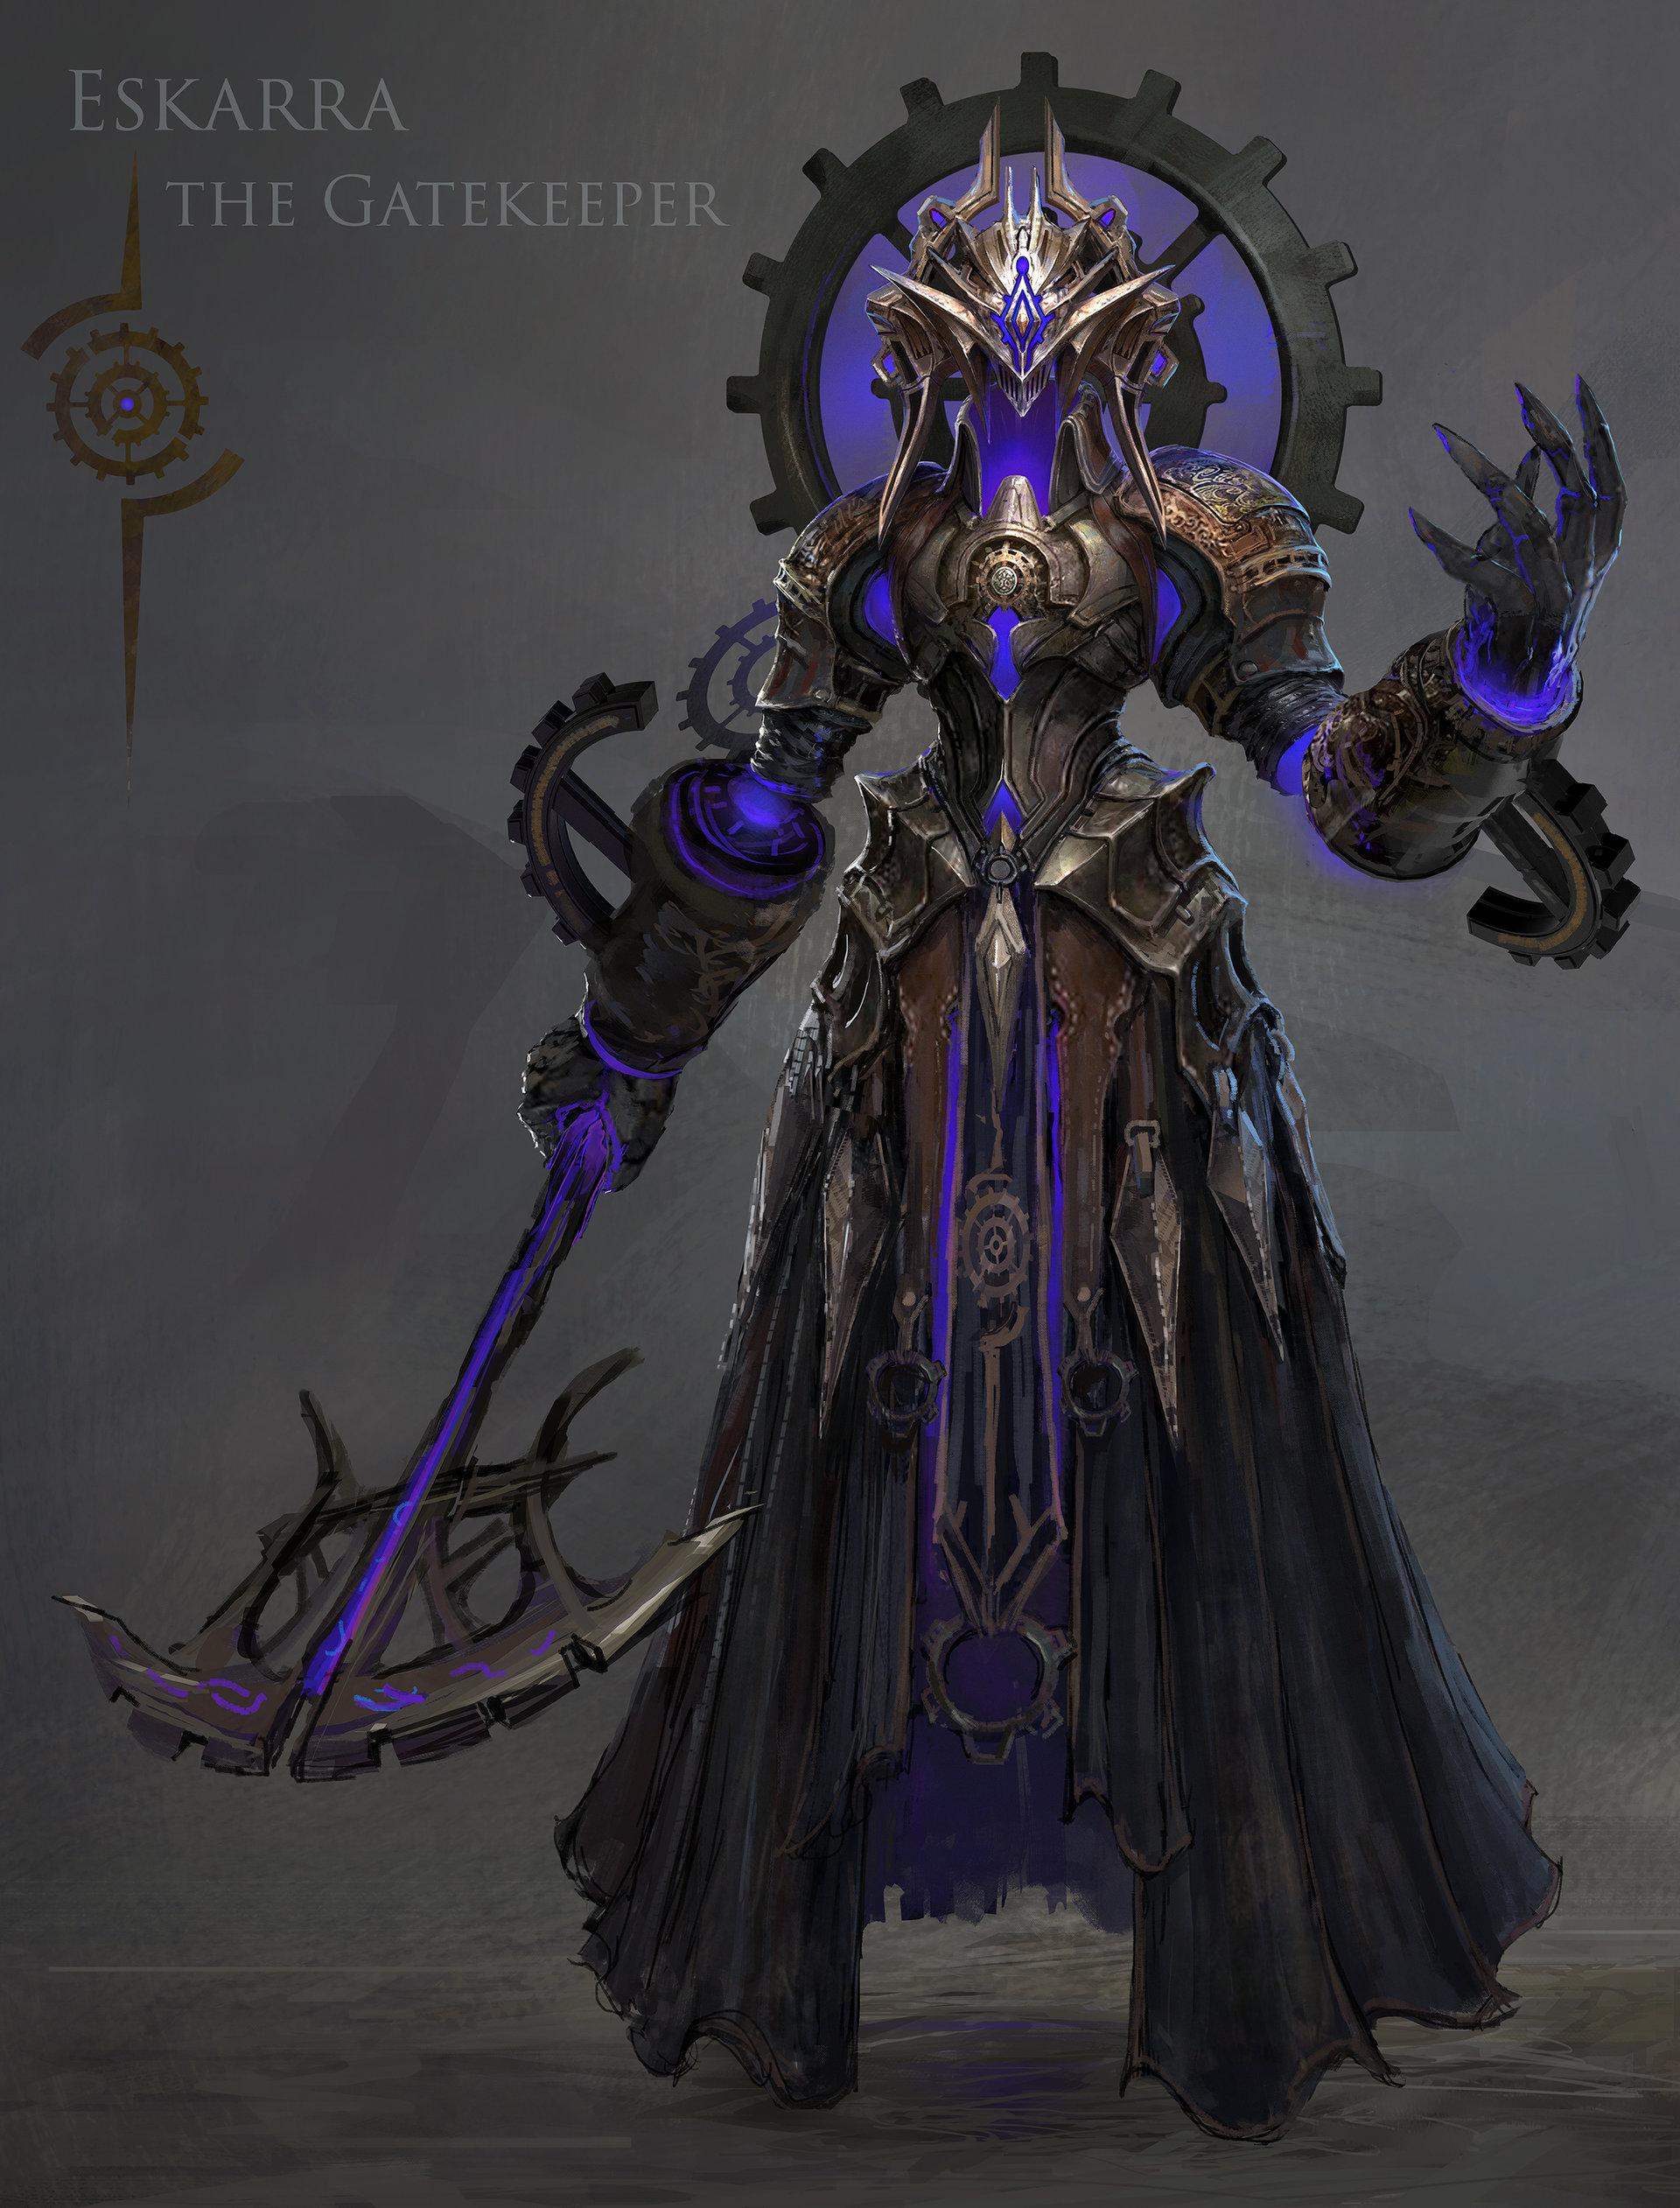 Eskarra the Gatekeeper